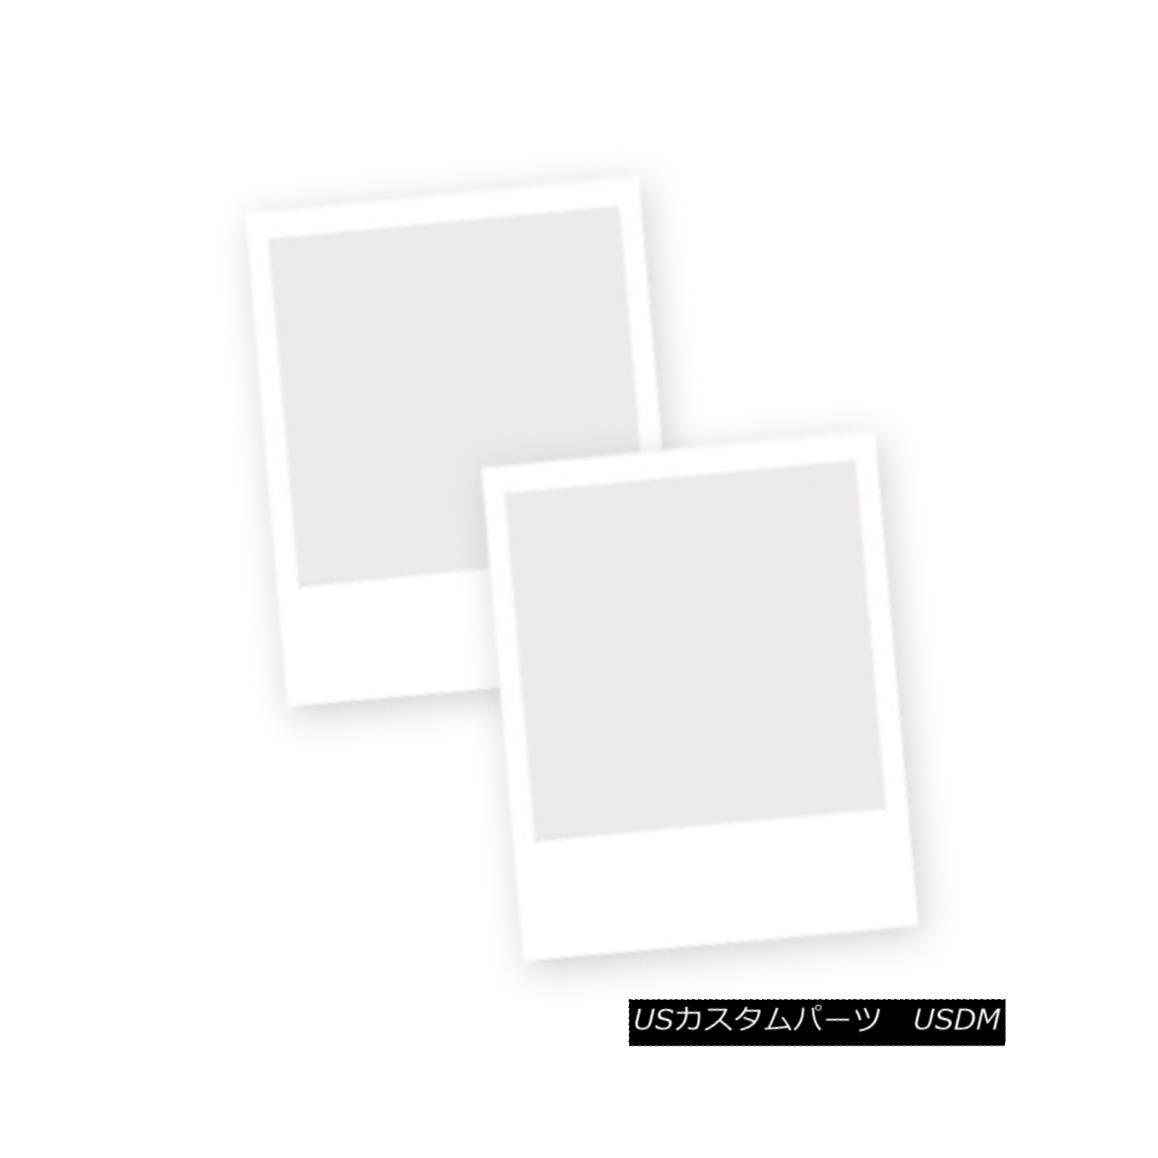 グリル Fits 2014-2015 Kia Sorento SX Model Stainless Steel Mesh Grille Insert Combo フィット2014-2015起亜ソレントSXモデルステンレスメッシュグリルインサートコンボ